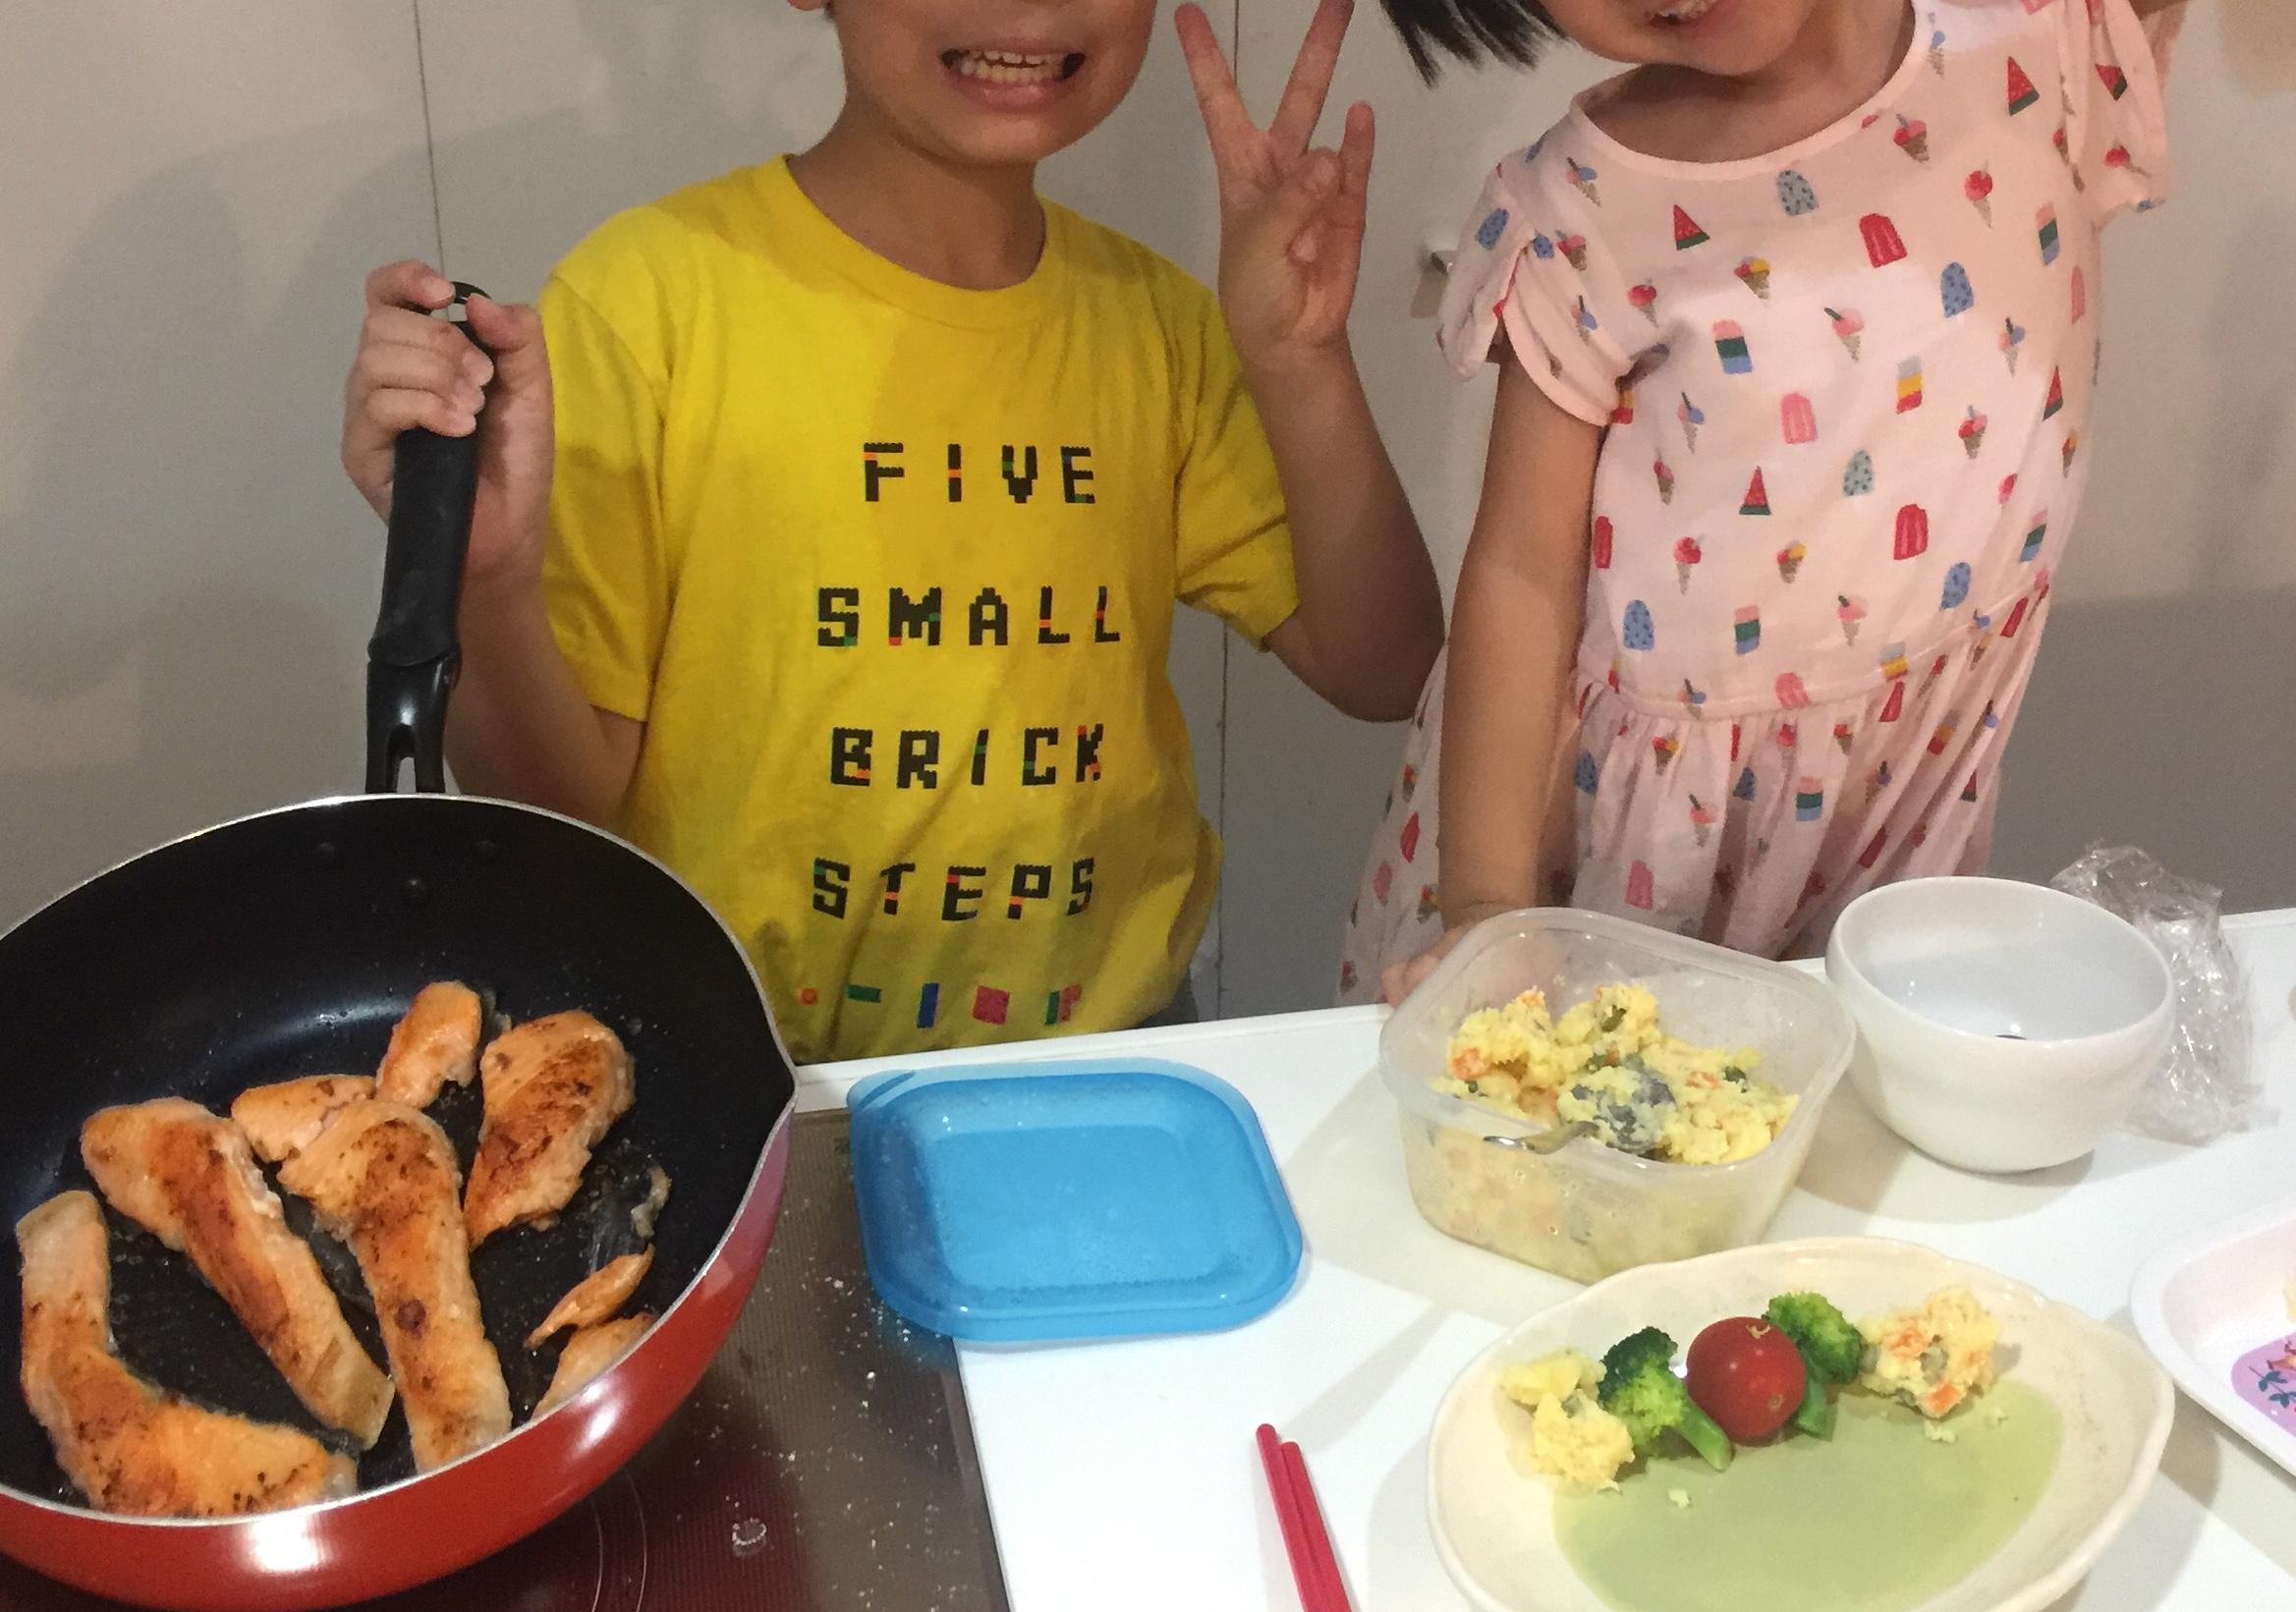 僕が晩御飯作るよ!(えっ?マジで?)子供に料理をしてもらう「Show Faith(信頼を示す)」